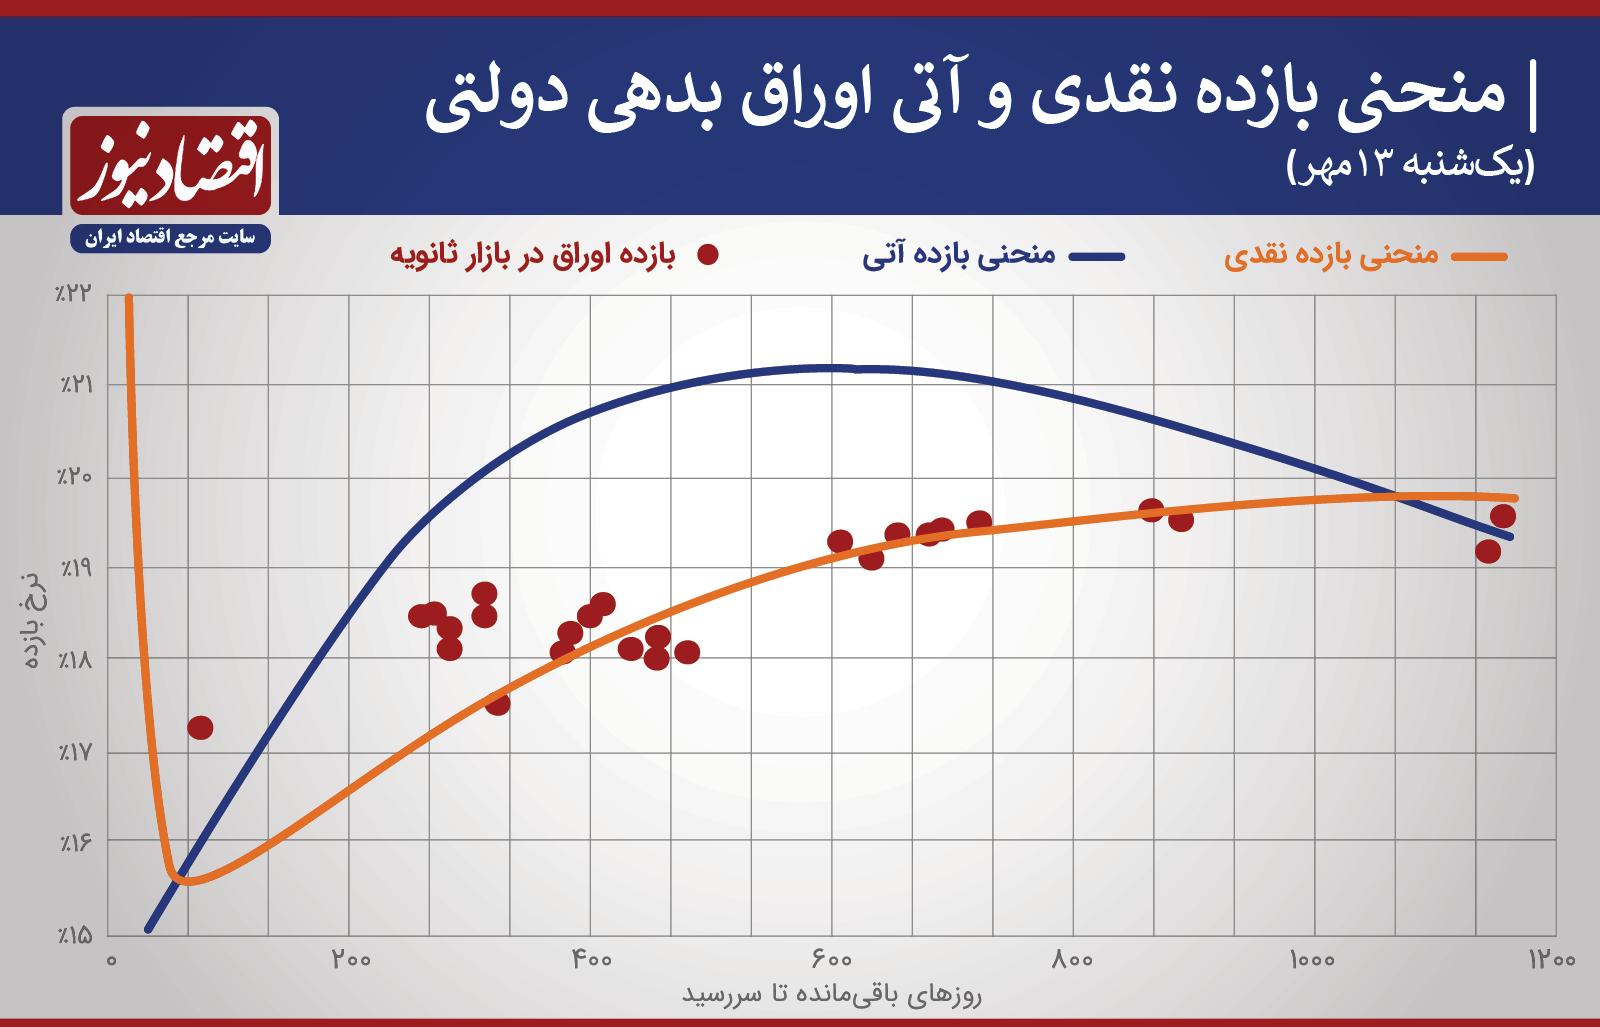 منحنی بازده نقدی اوراق دولتی 13 مهر